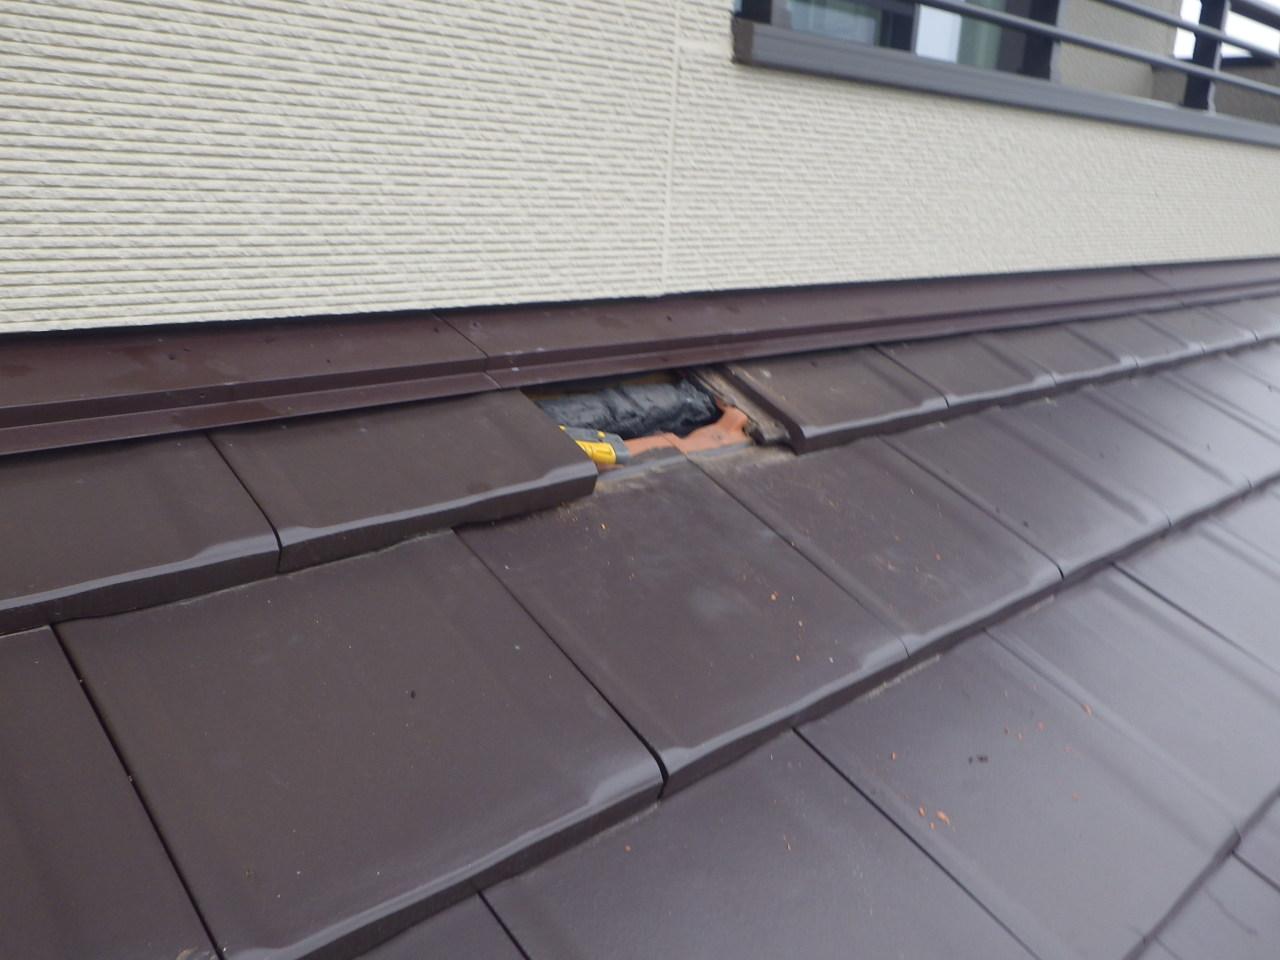 余震の影響により破損した瓦を修理します in那須町